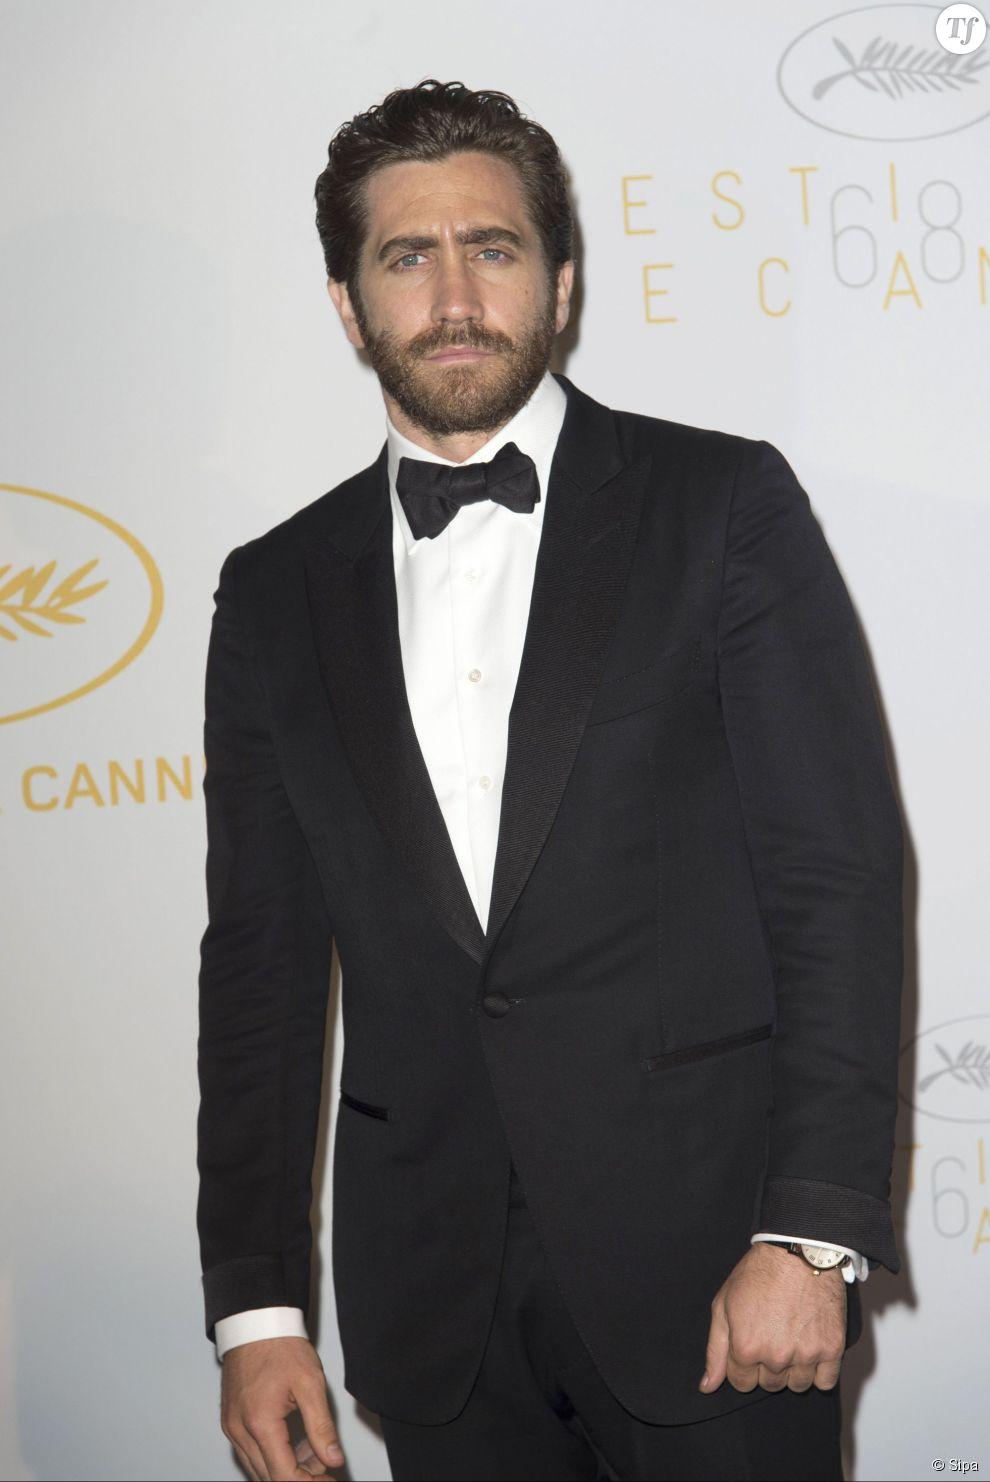 Jake Gyllenhaal lors de la cérémonie d'ouverture du Festival de Cannes 2015 le 13 mai 2015